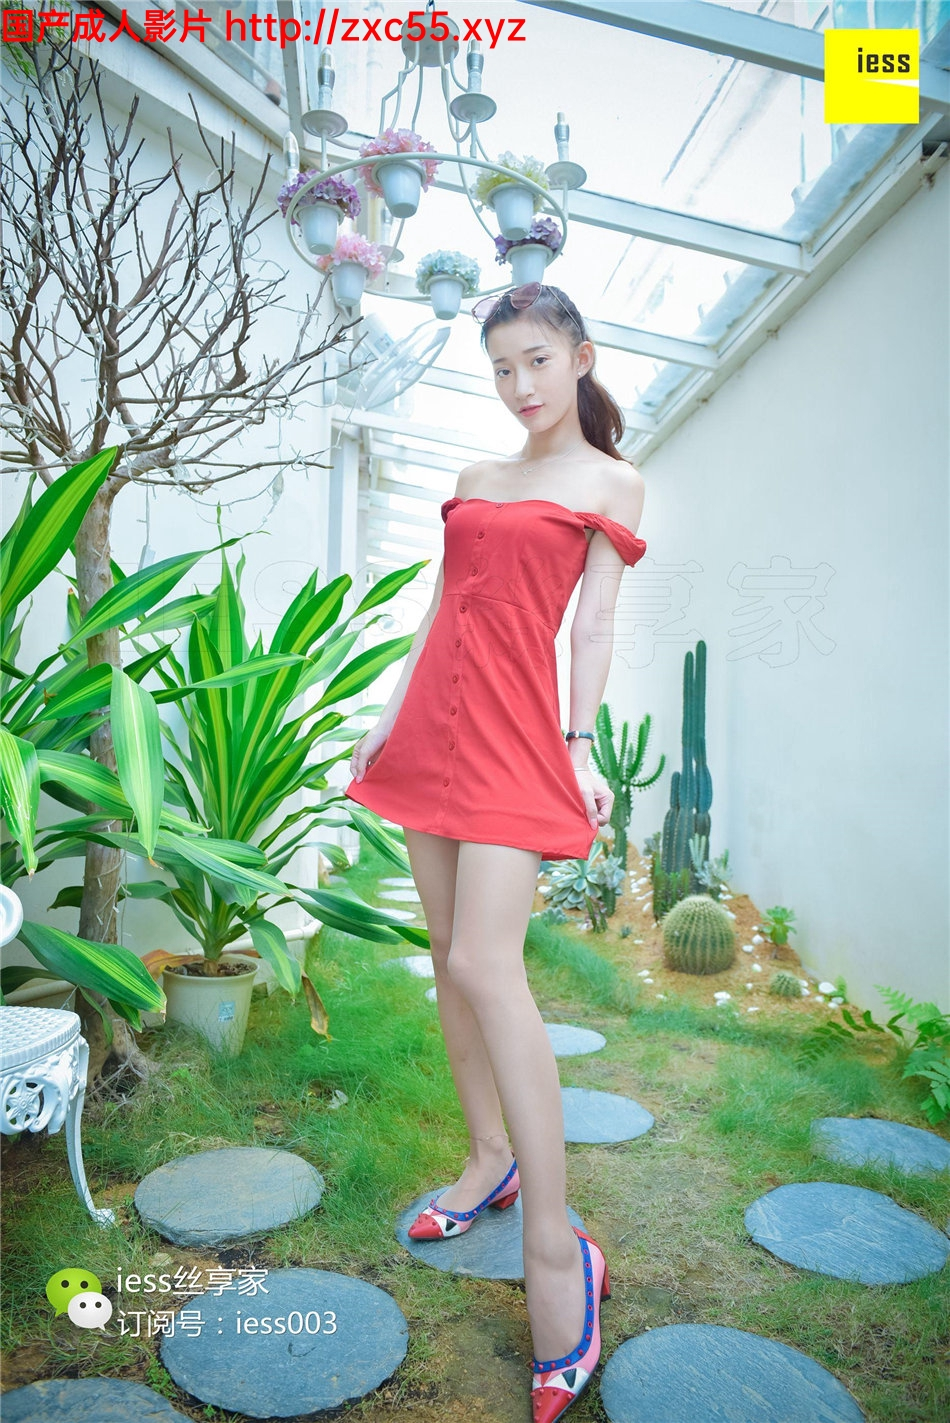 小色哥美女av电影_骨感美女小怪兽红裙肉丝平底鞋美腿秀图片【34P】_丝袜诱惑-一级